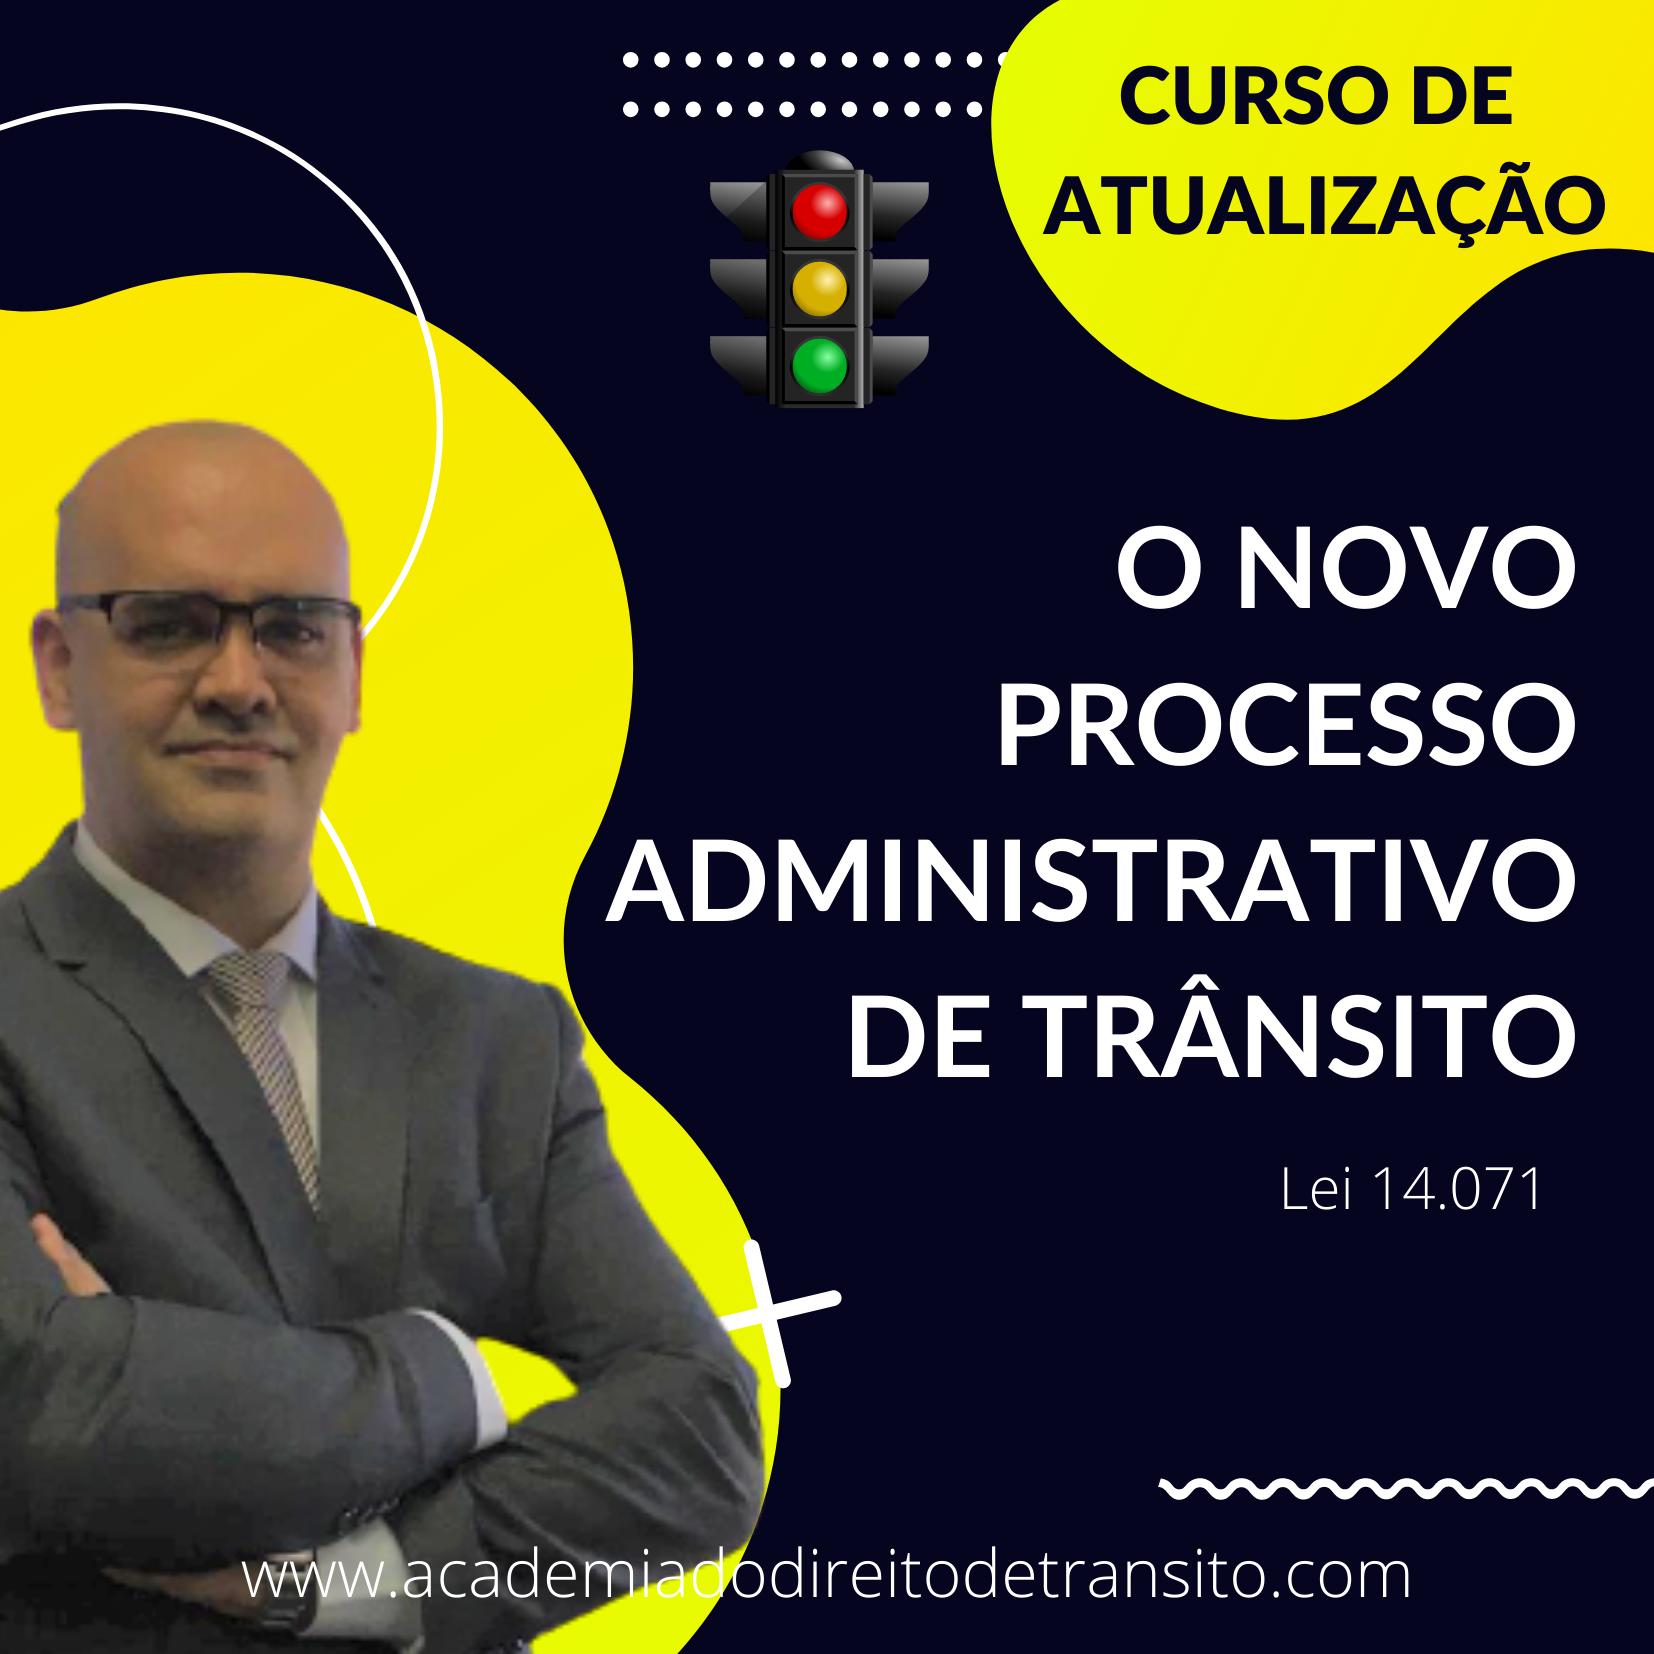 O NOVO PROCESSO ADMINISTRATIVO DE TRANSITO